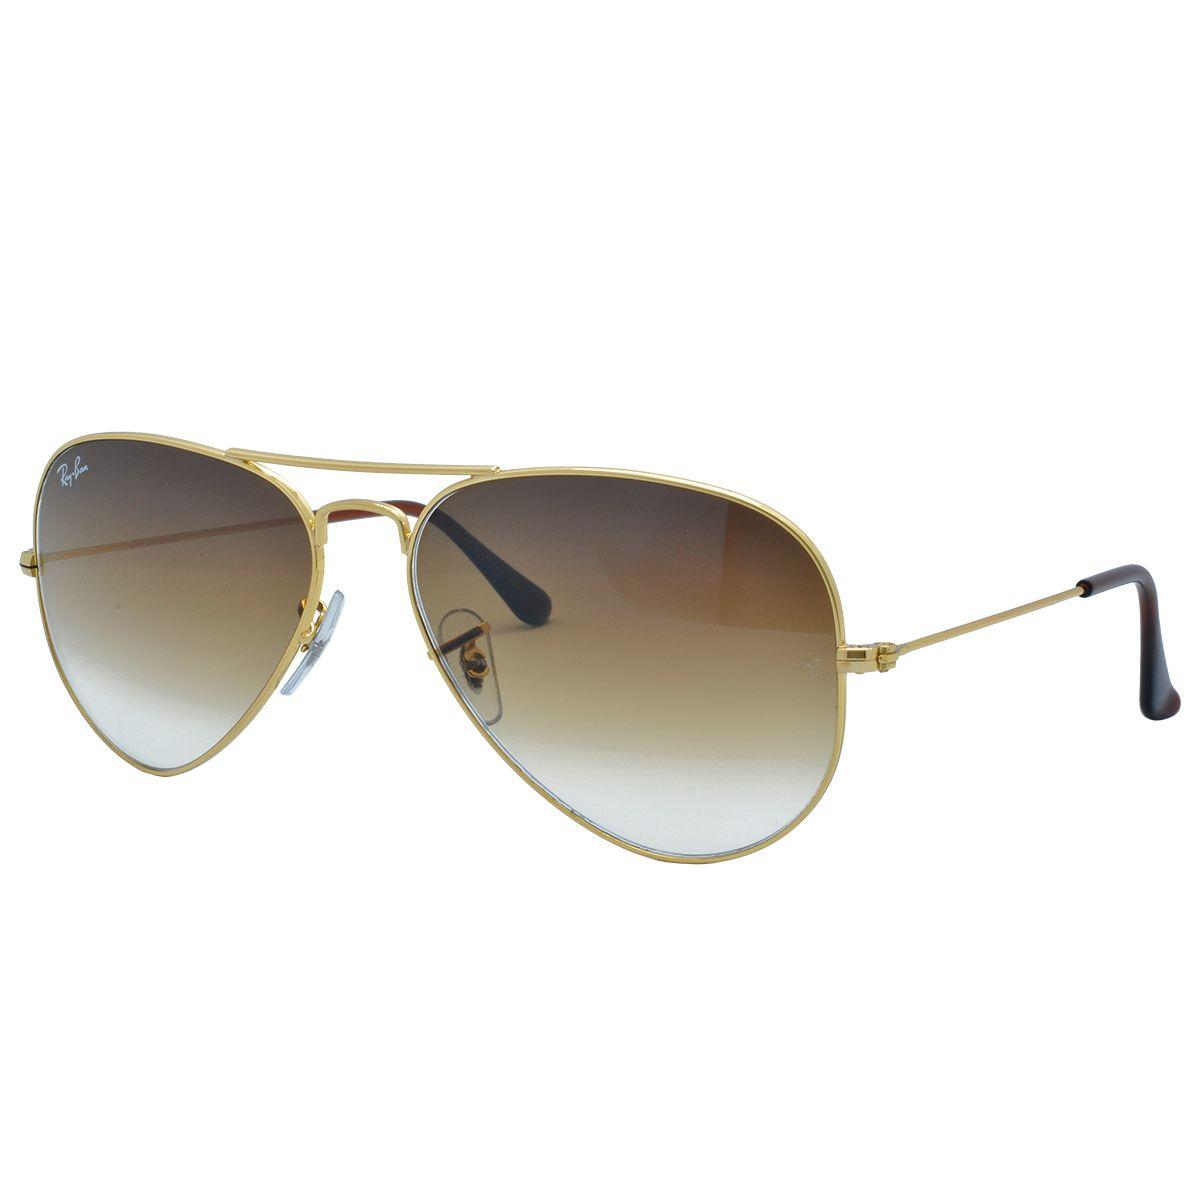 49ac5b1749379 Óculos de Sol Ray Ban Feminino Aviador RB3025L C001 51 - Metal Dourado,  Lente Marrom Degradê R  559,00 à vista. Adicionar à sacola